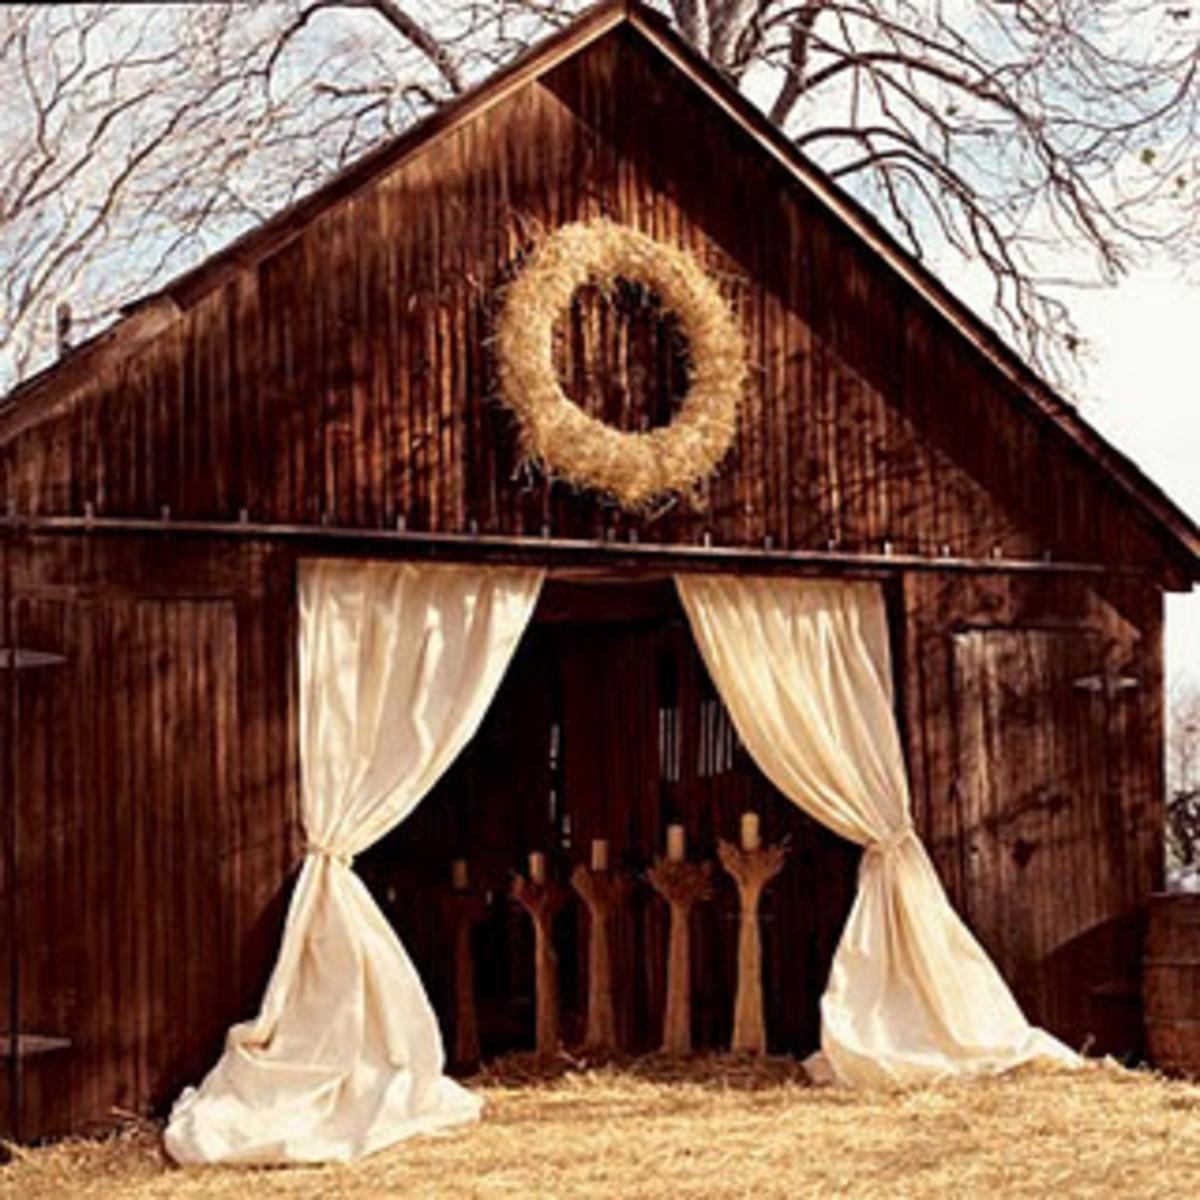 Rustic Wedding Ideas On A Budget: Rustic Barn Wedding Ideas For The Bride On A Budget